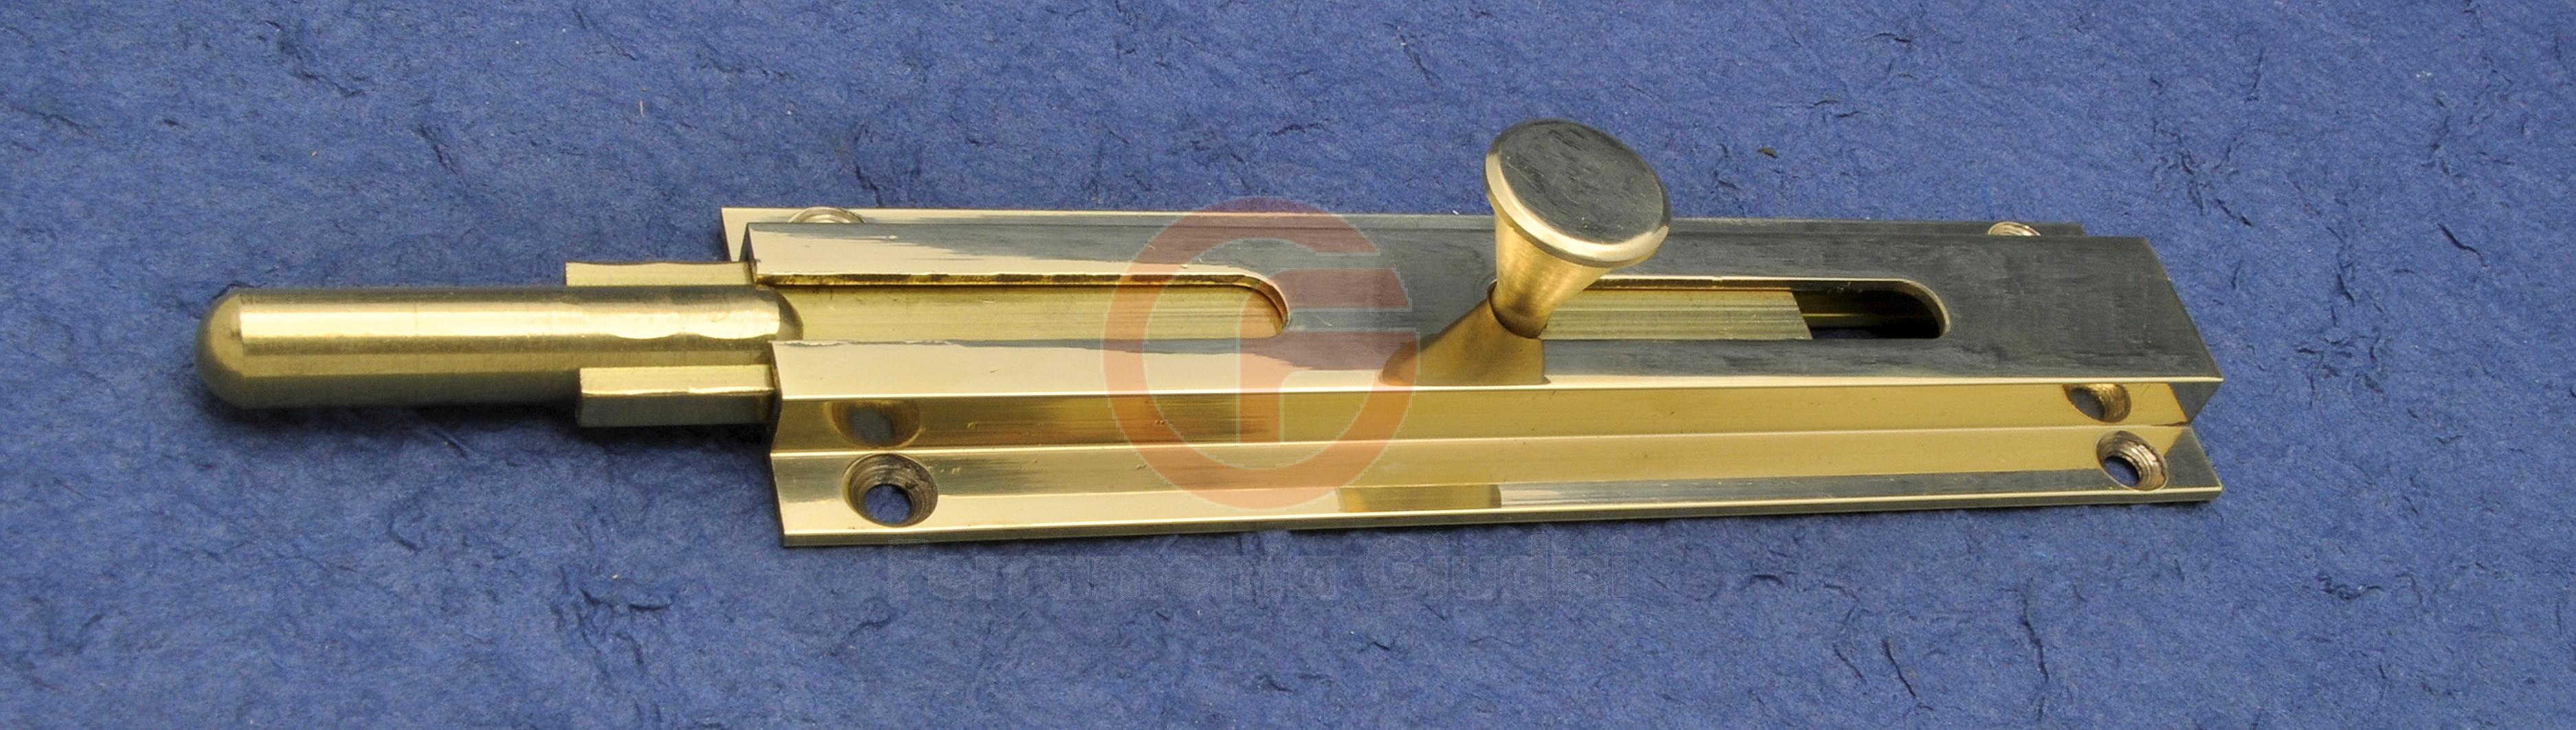 Catenaccio verticale per porte e portoni ottone ebay - Catenacci per porte blindate ...